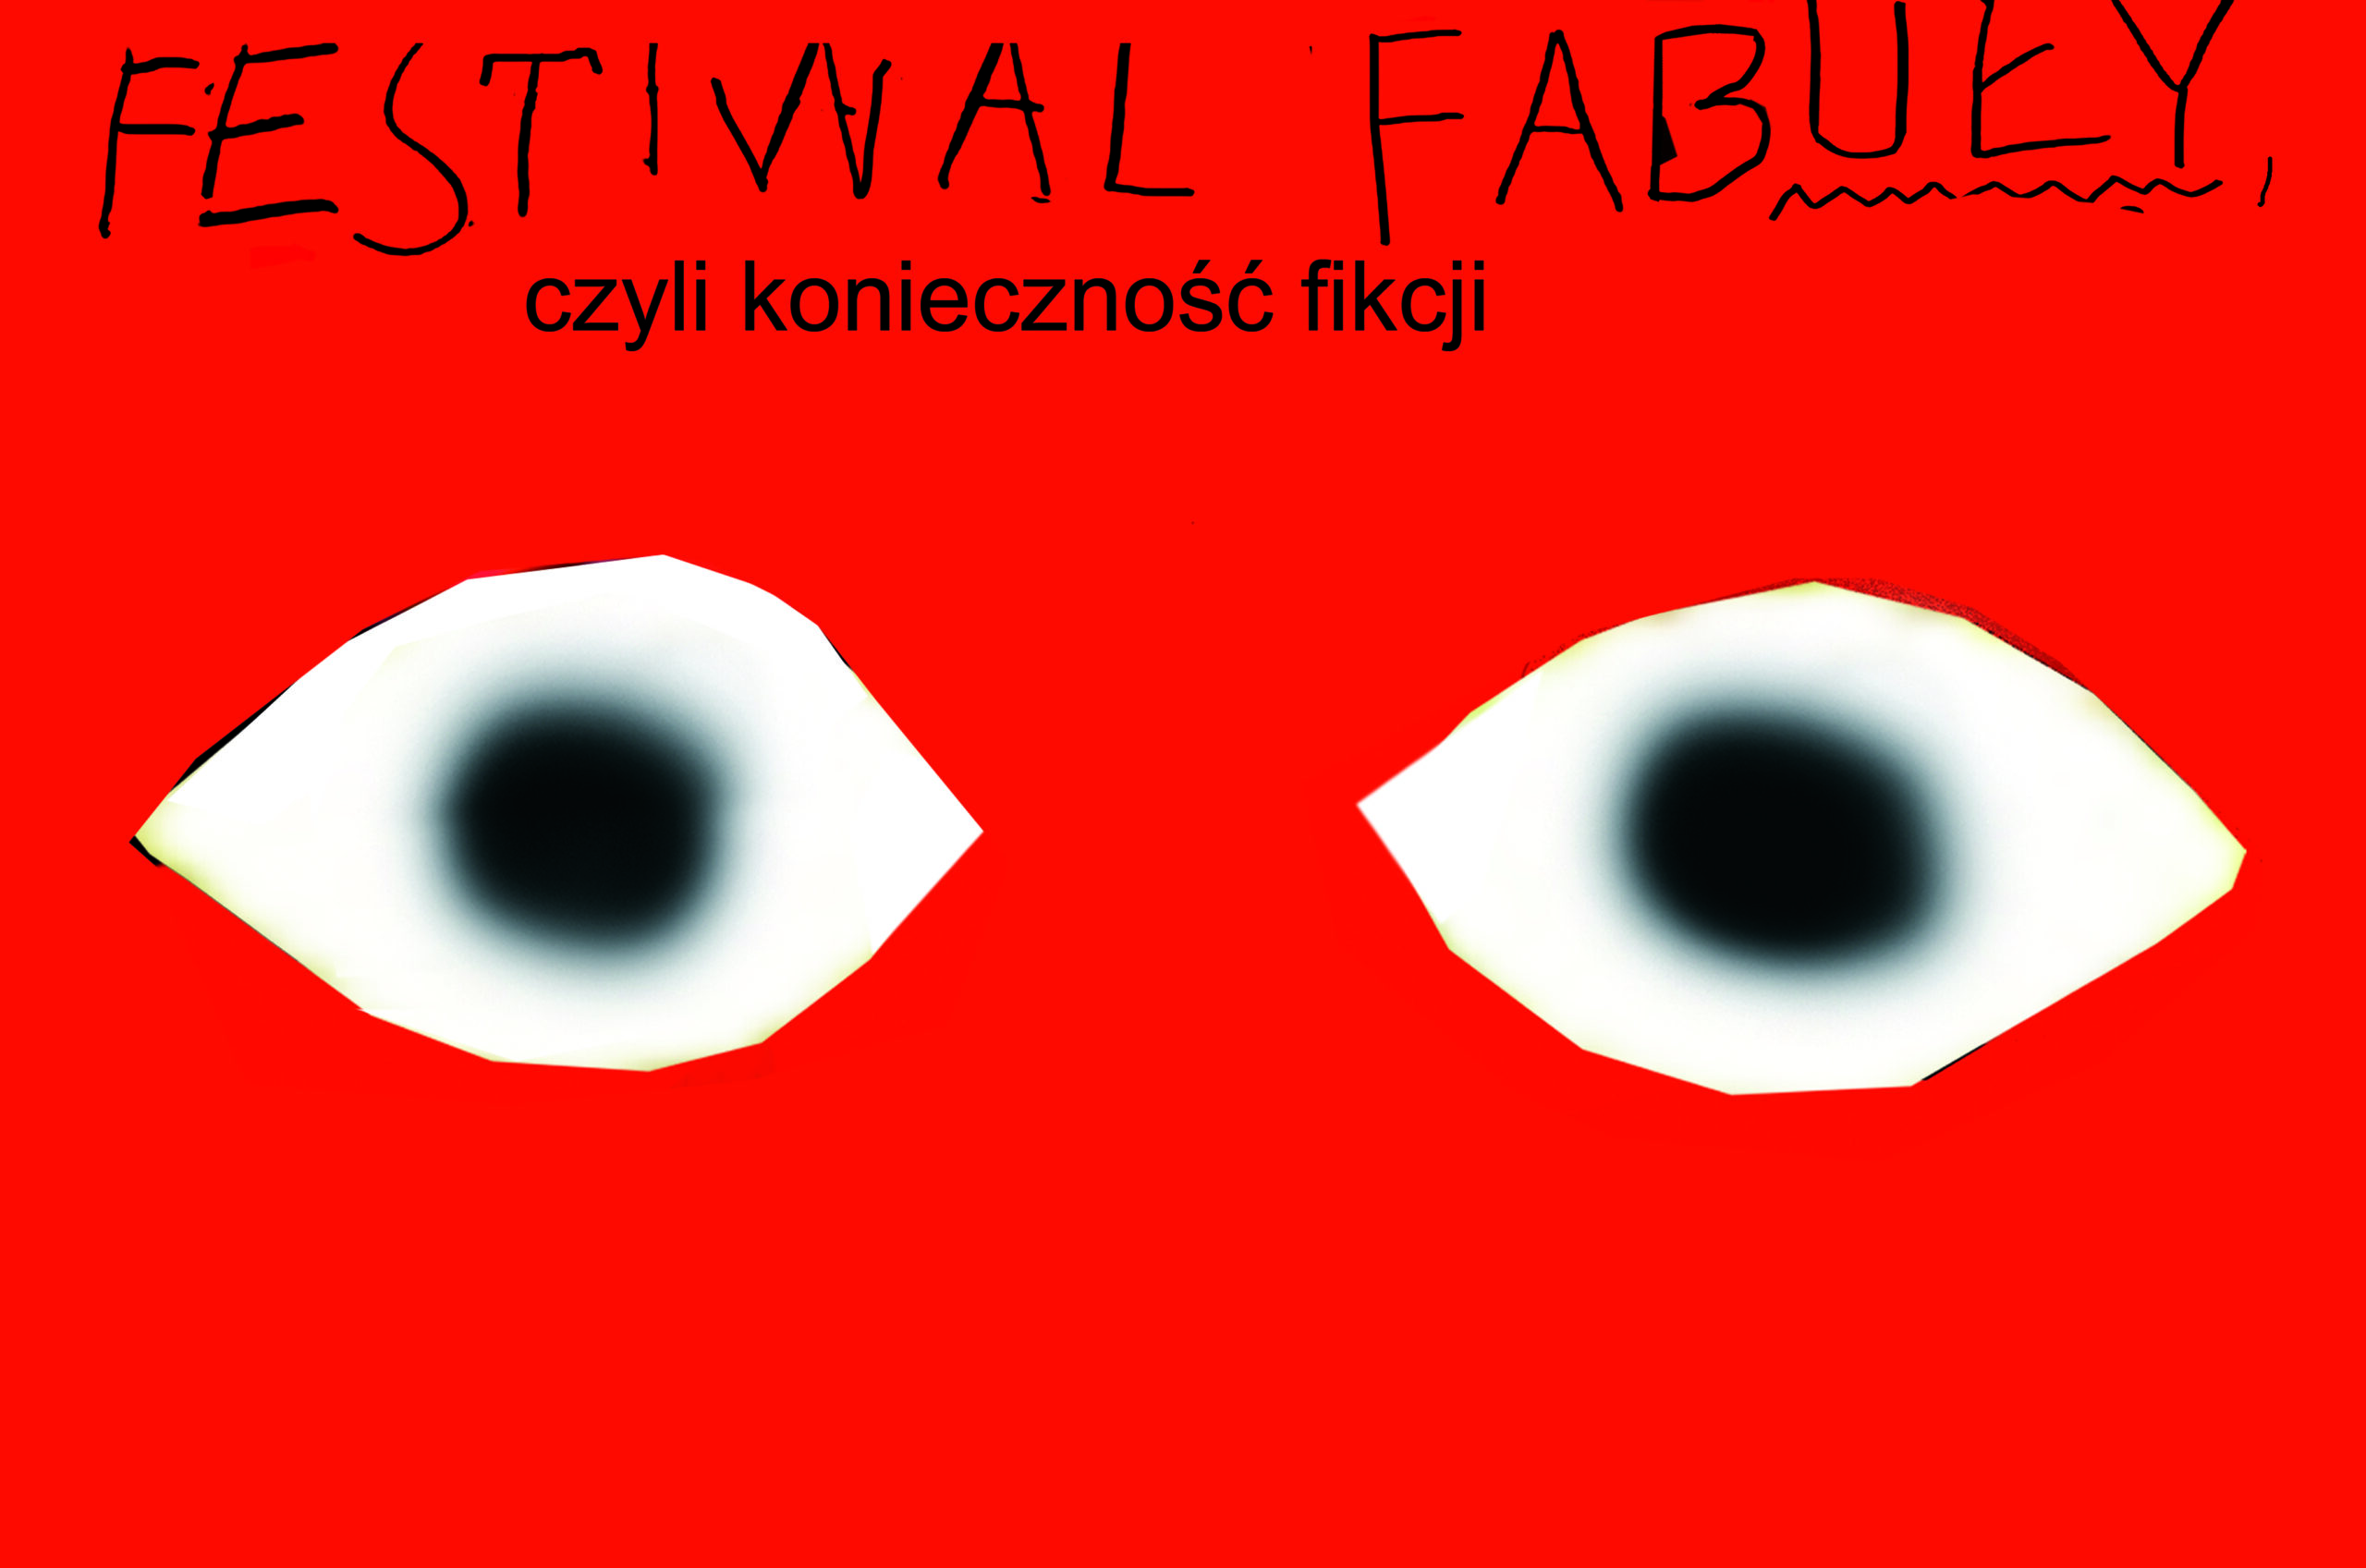 Festiwal Fabuły 2020